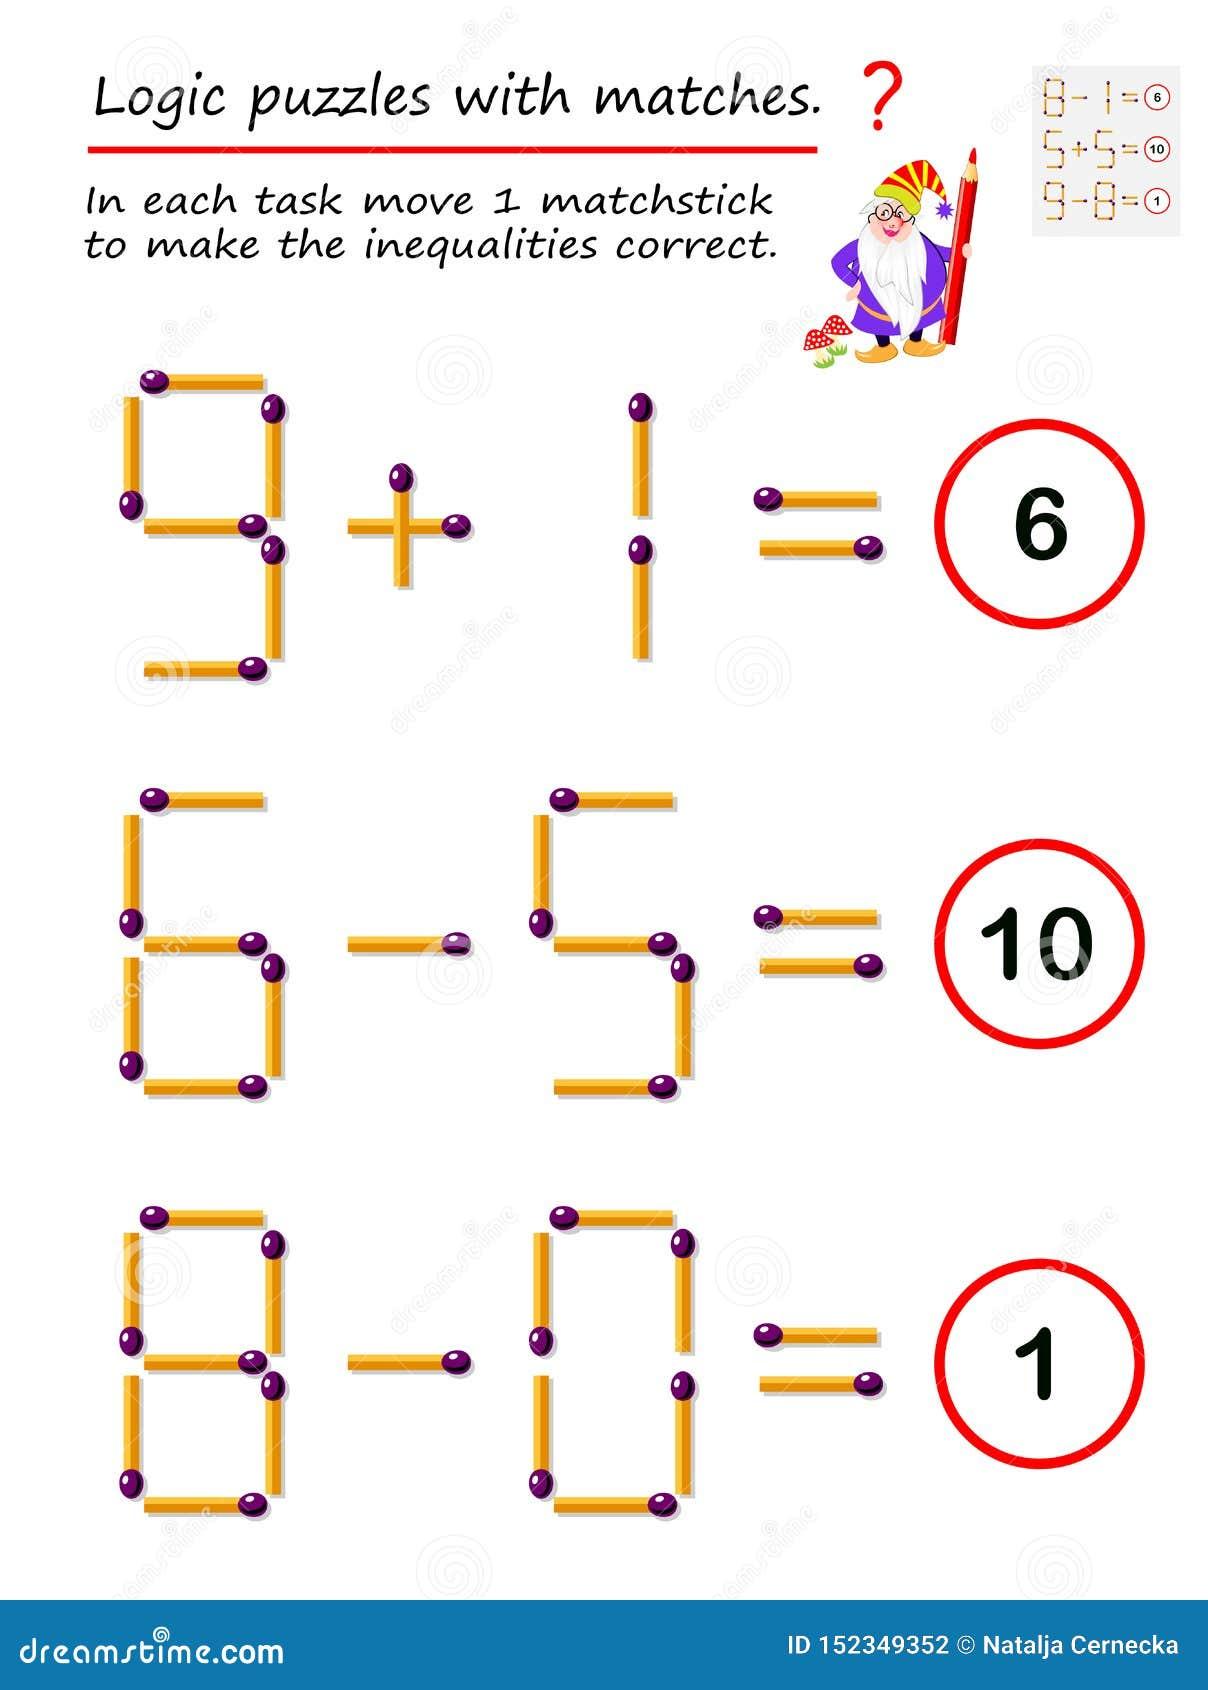 与比赛的逻辑难题比赛 在使不平等正确的每任务移动1火柴梗